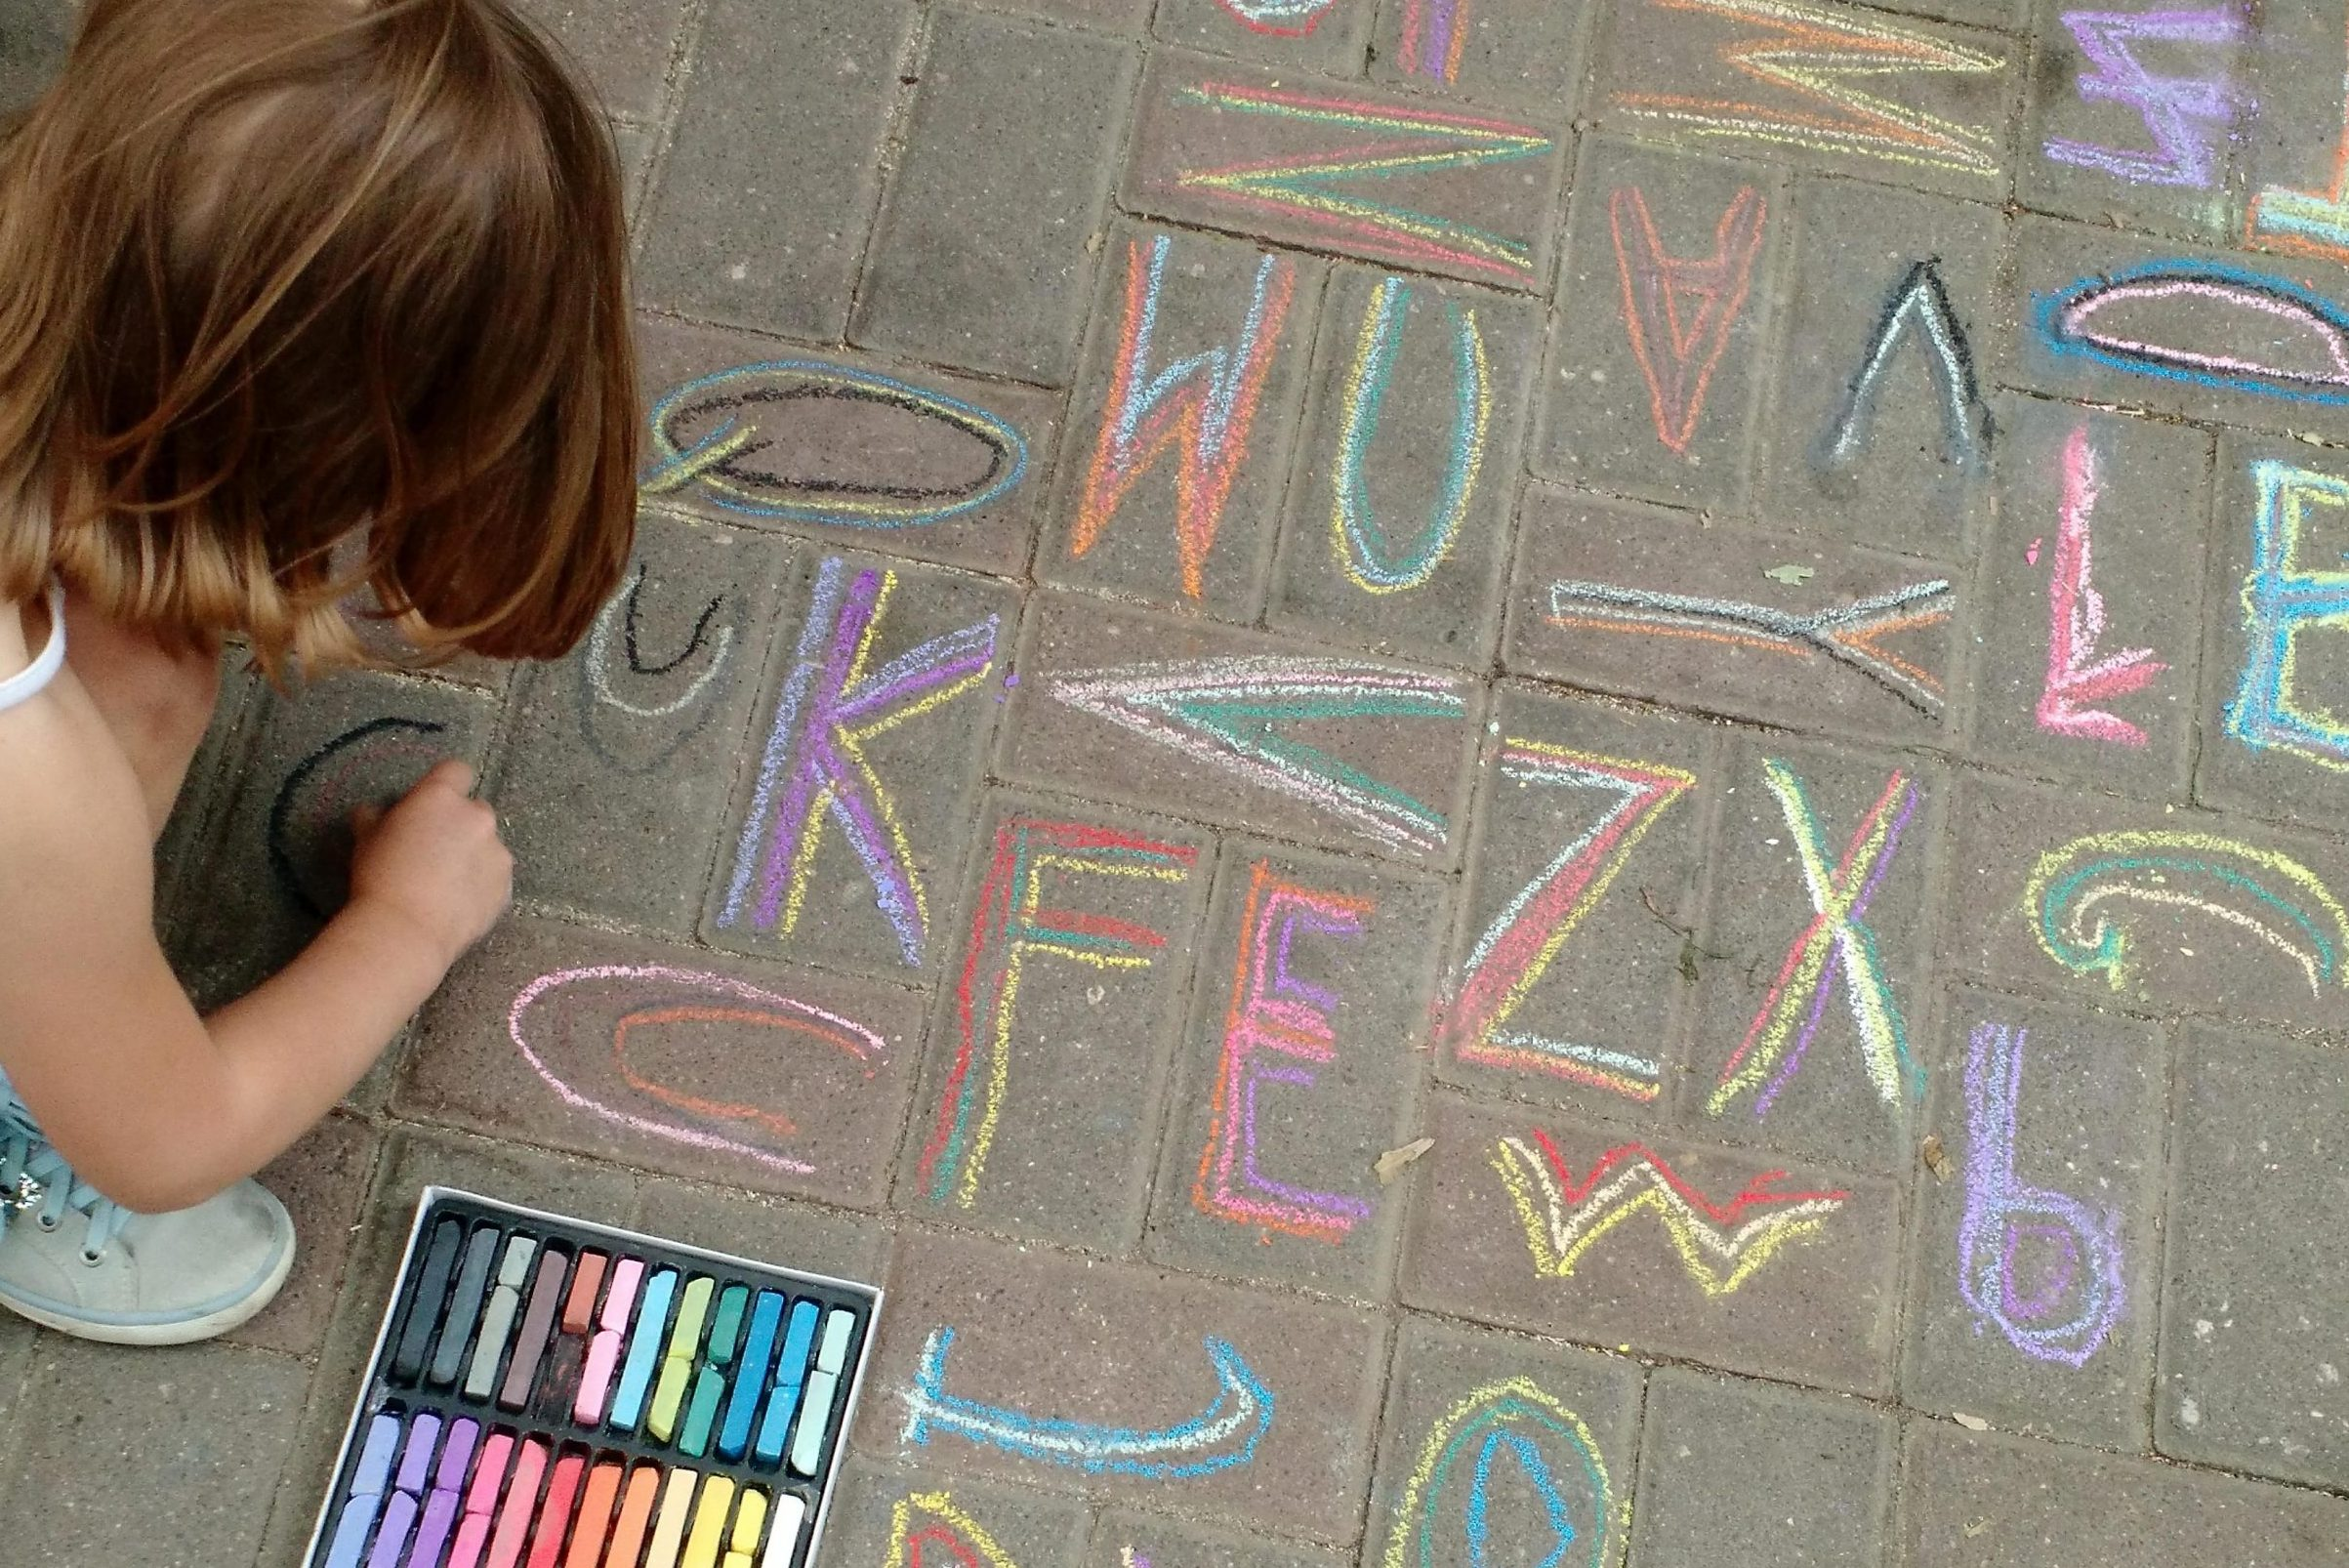 Kind schreibt mit Kreise Buchstaben